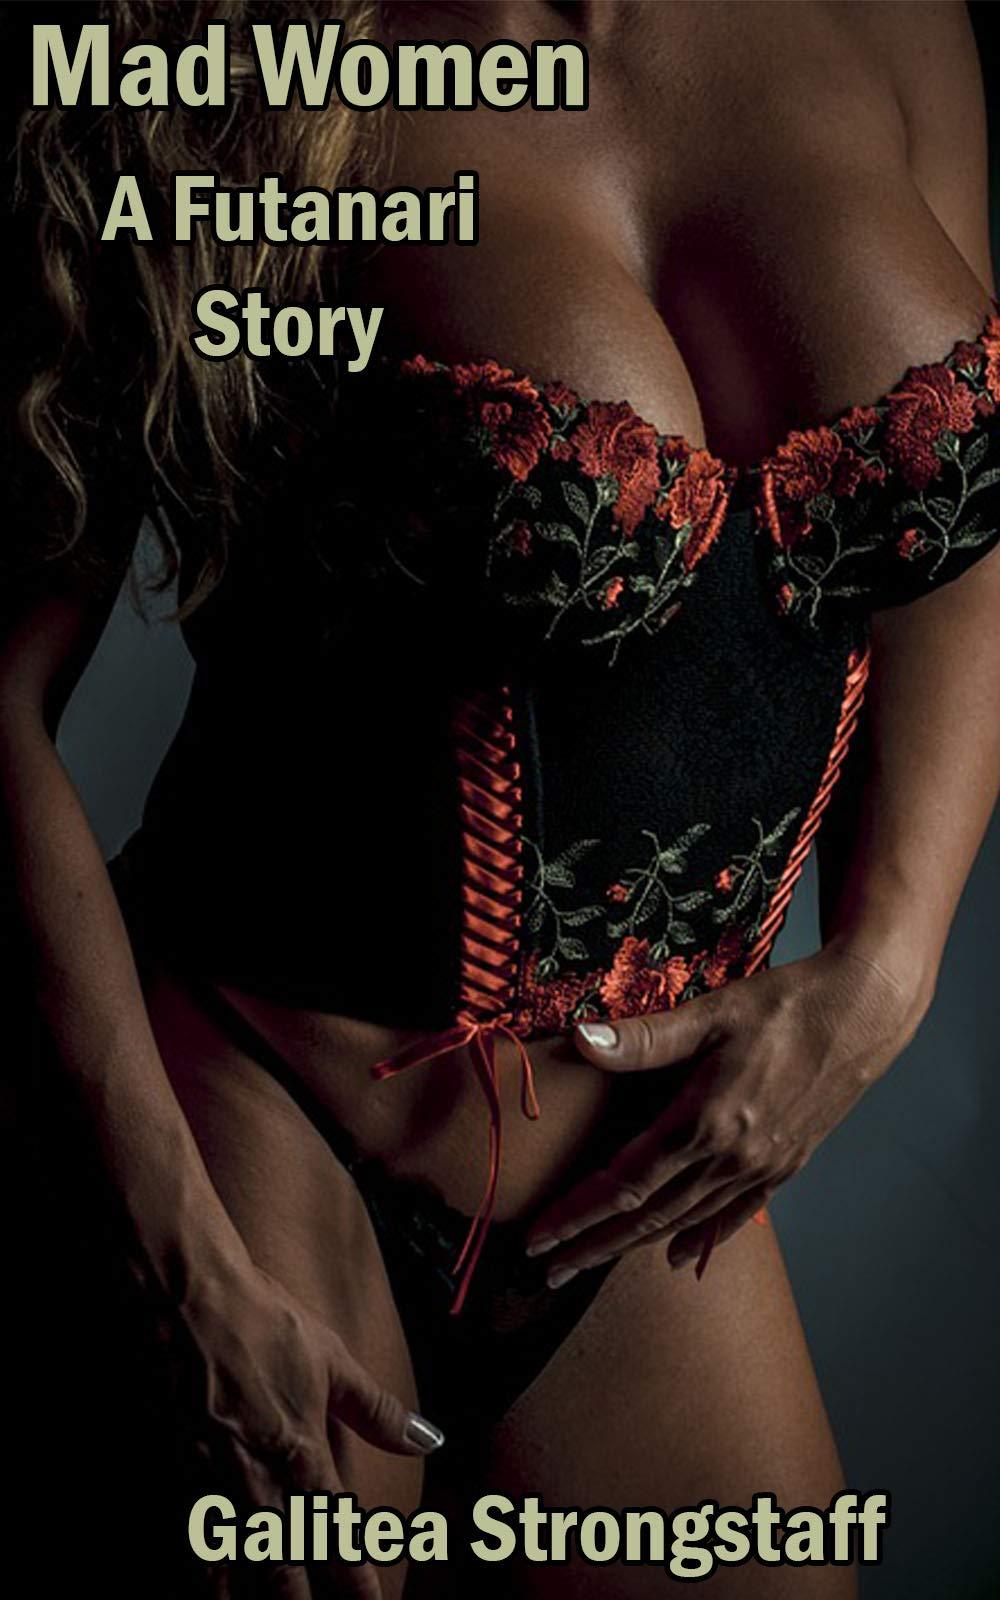 Mad Women: A Futanari Story